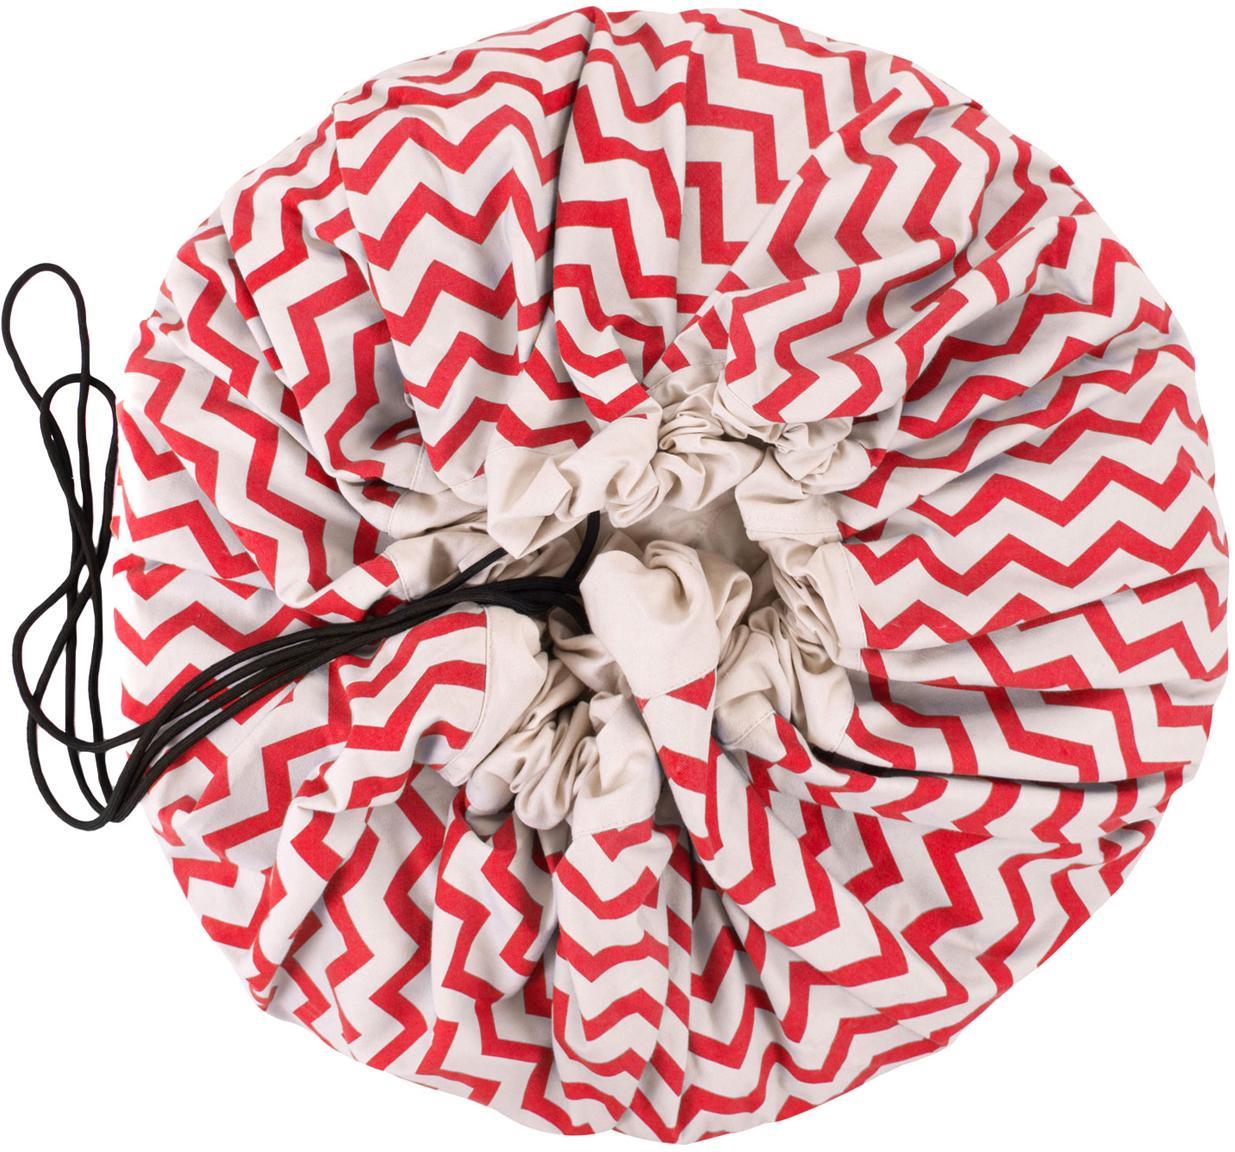 Spieldecke Zigzag, Polyester, Rot, Weiss, Ø 140 cm